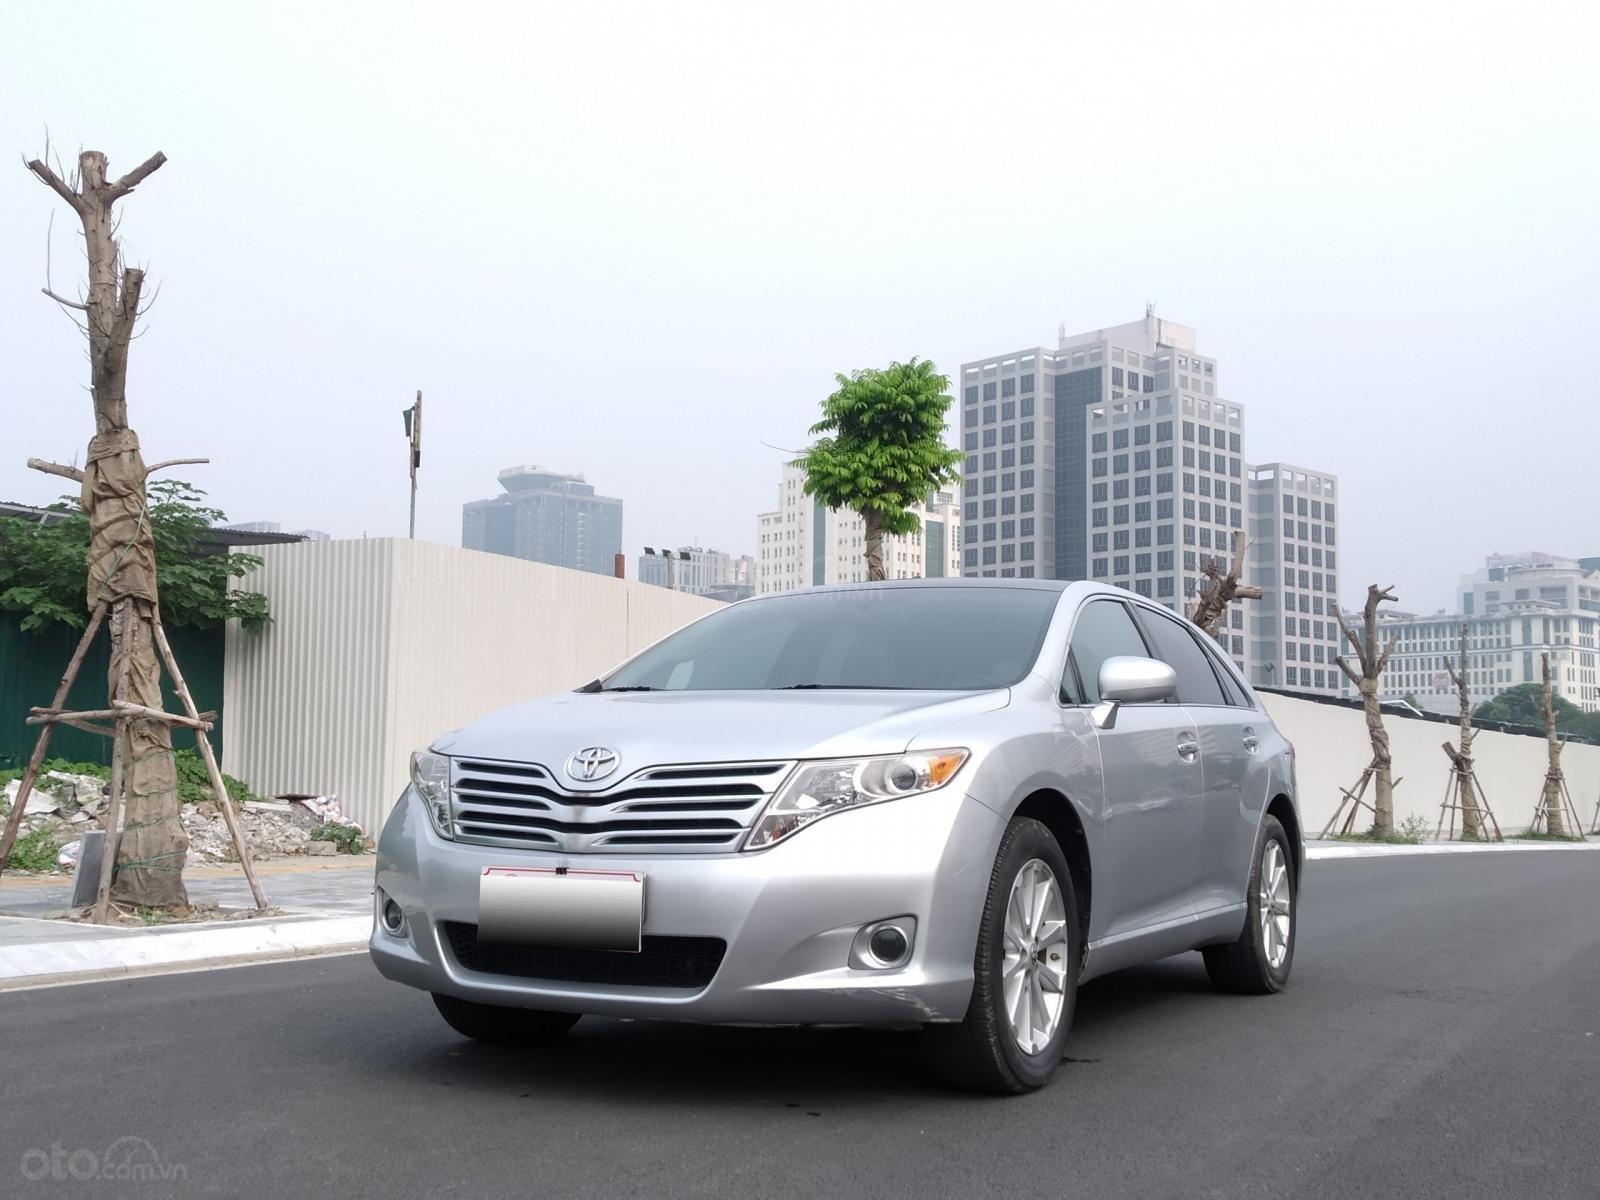 Toyota Venza 2009 nhập khẩu, xe đẹp khó tìm (3)